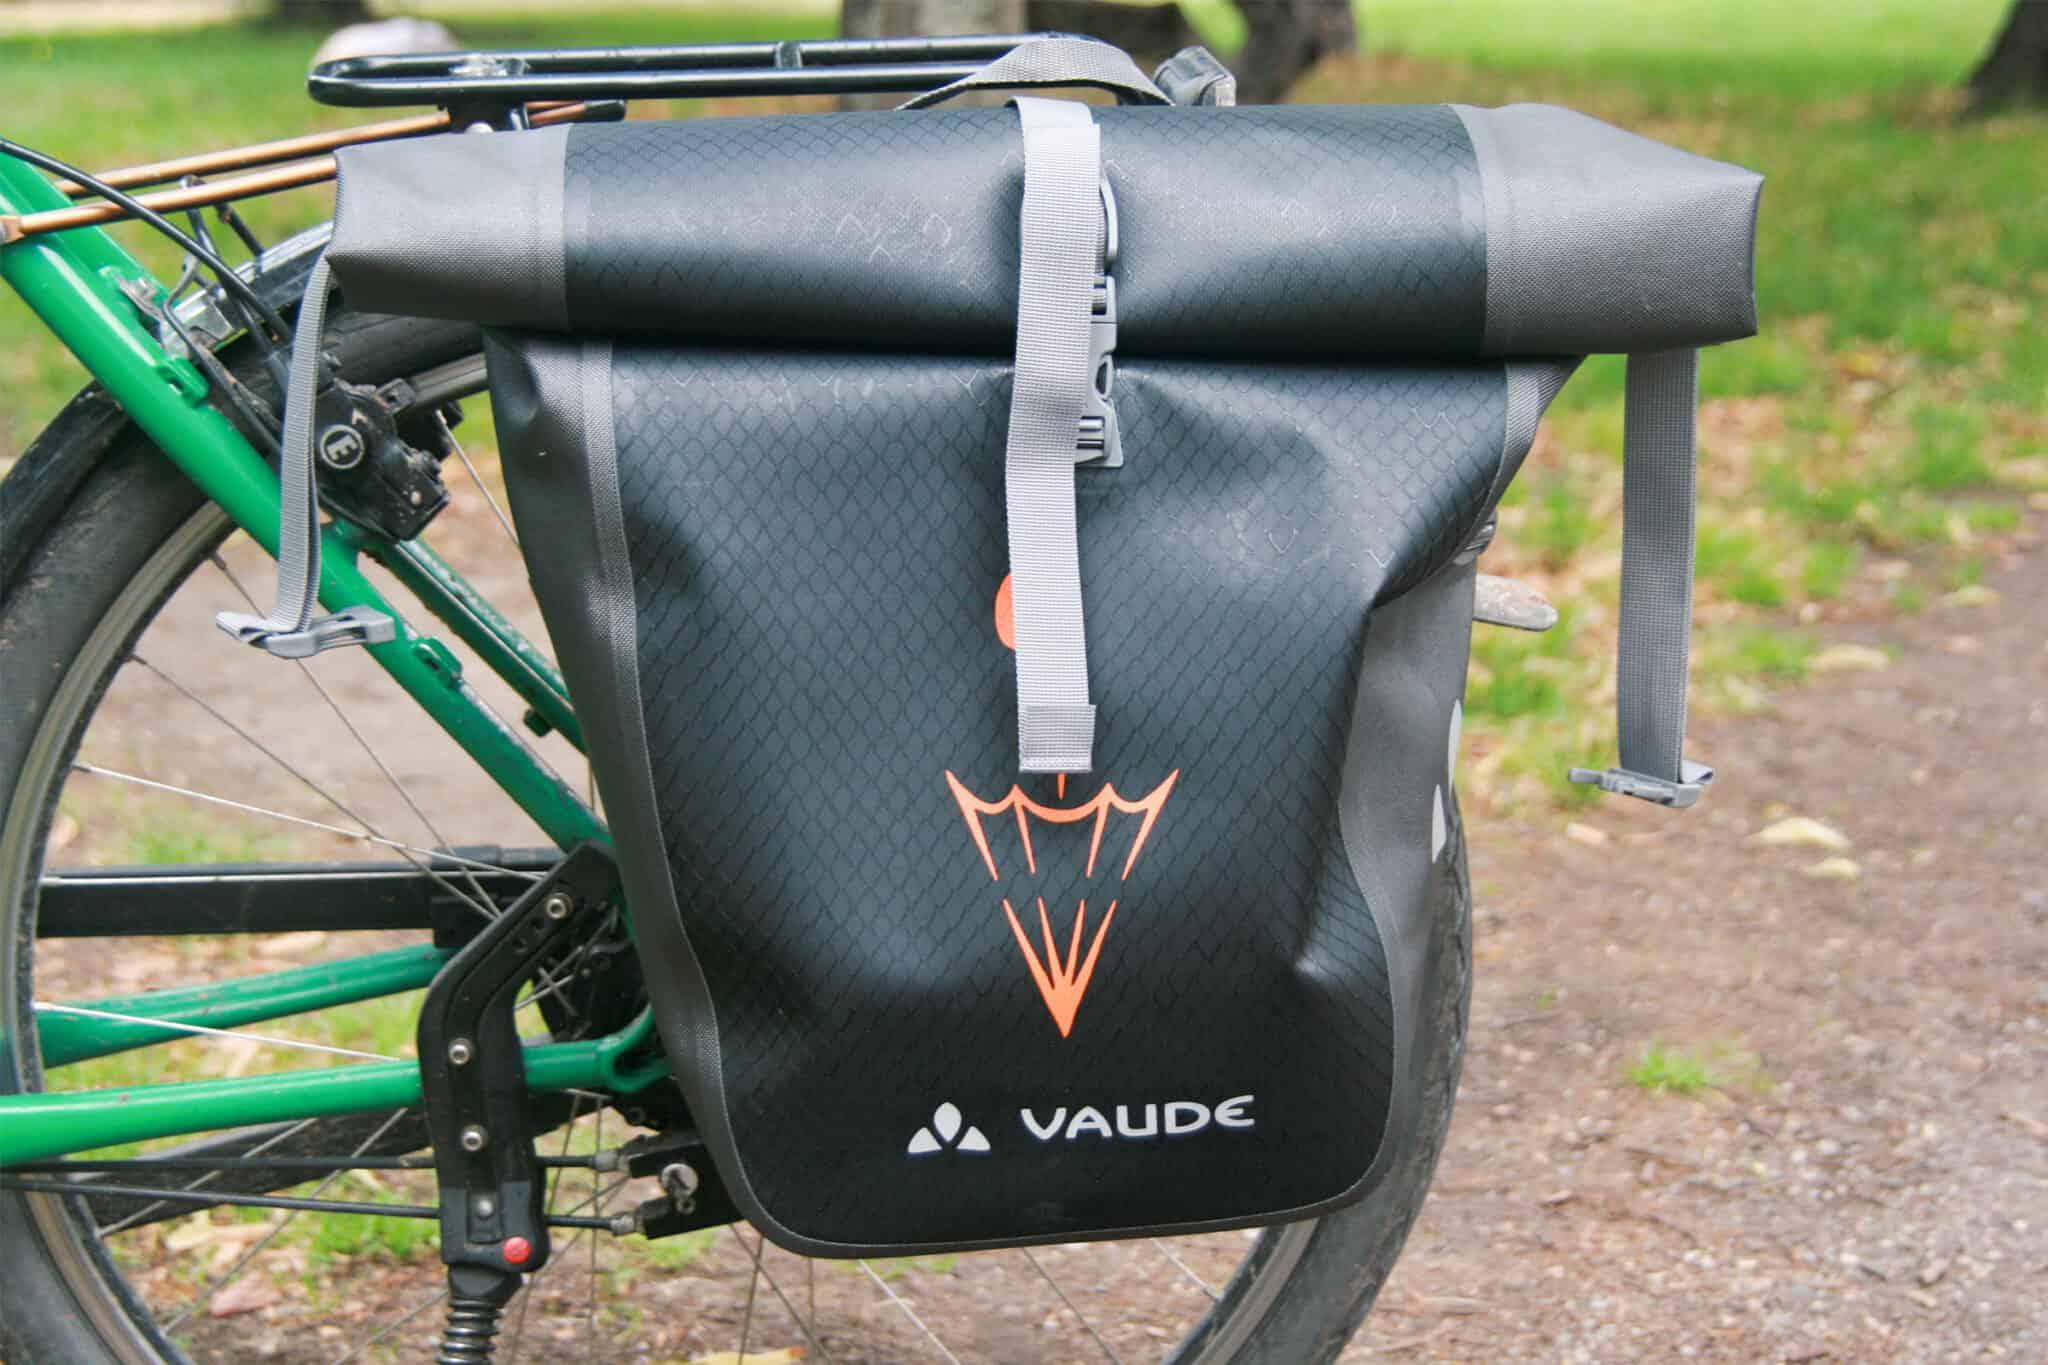 Mit einem Fahrrad kann man erstaunlich viel transportieren. Wichtig ist bei Fahrradtaschen neben einem großen Stauraum vor allem Regenundurchlässigkeit.